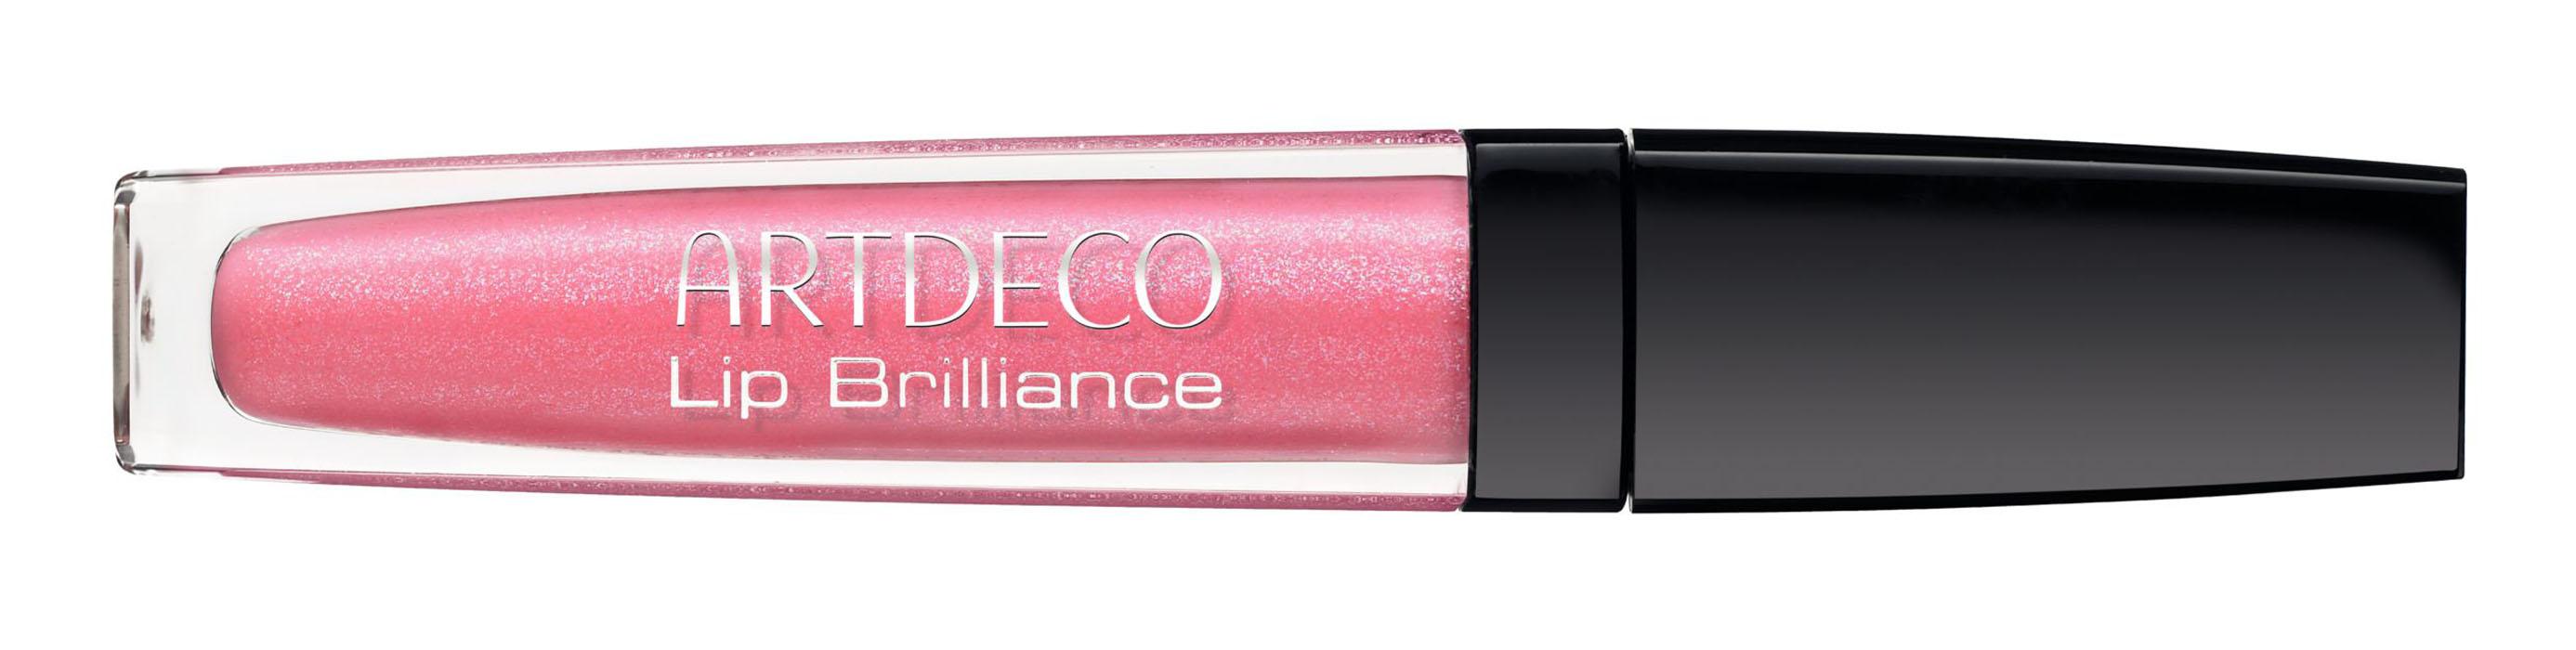 ARTDECO Блеск для губ устойчивый Fashion Colors BRILLIANCE 62, 5 мл28032022Легкая прозрачная формула создает разглаживающее покрытие с эффектом лифтинга, за счет чего помада ложится ровно, не собирается в складочки. Питательный комплекс ухаживает за губами. Стик смягчает натуральный цвет губ и дает возможность четко накрасить губы по контору и не исказить цвет помады. Увеличивает устойчивость помады, что значительно экономит ваши деньги и время.